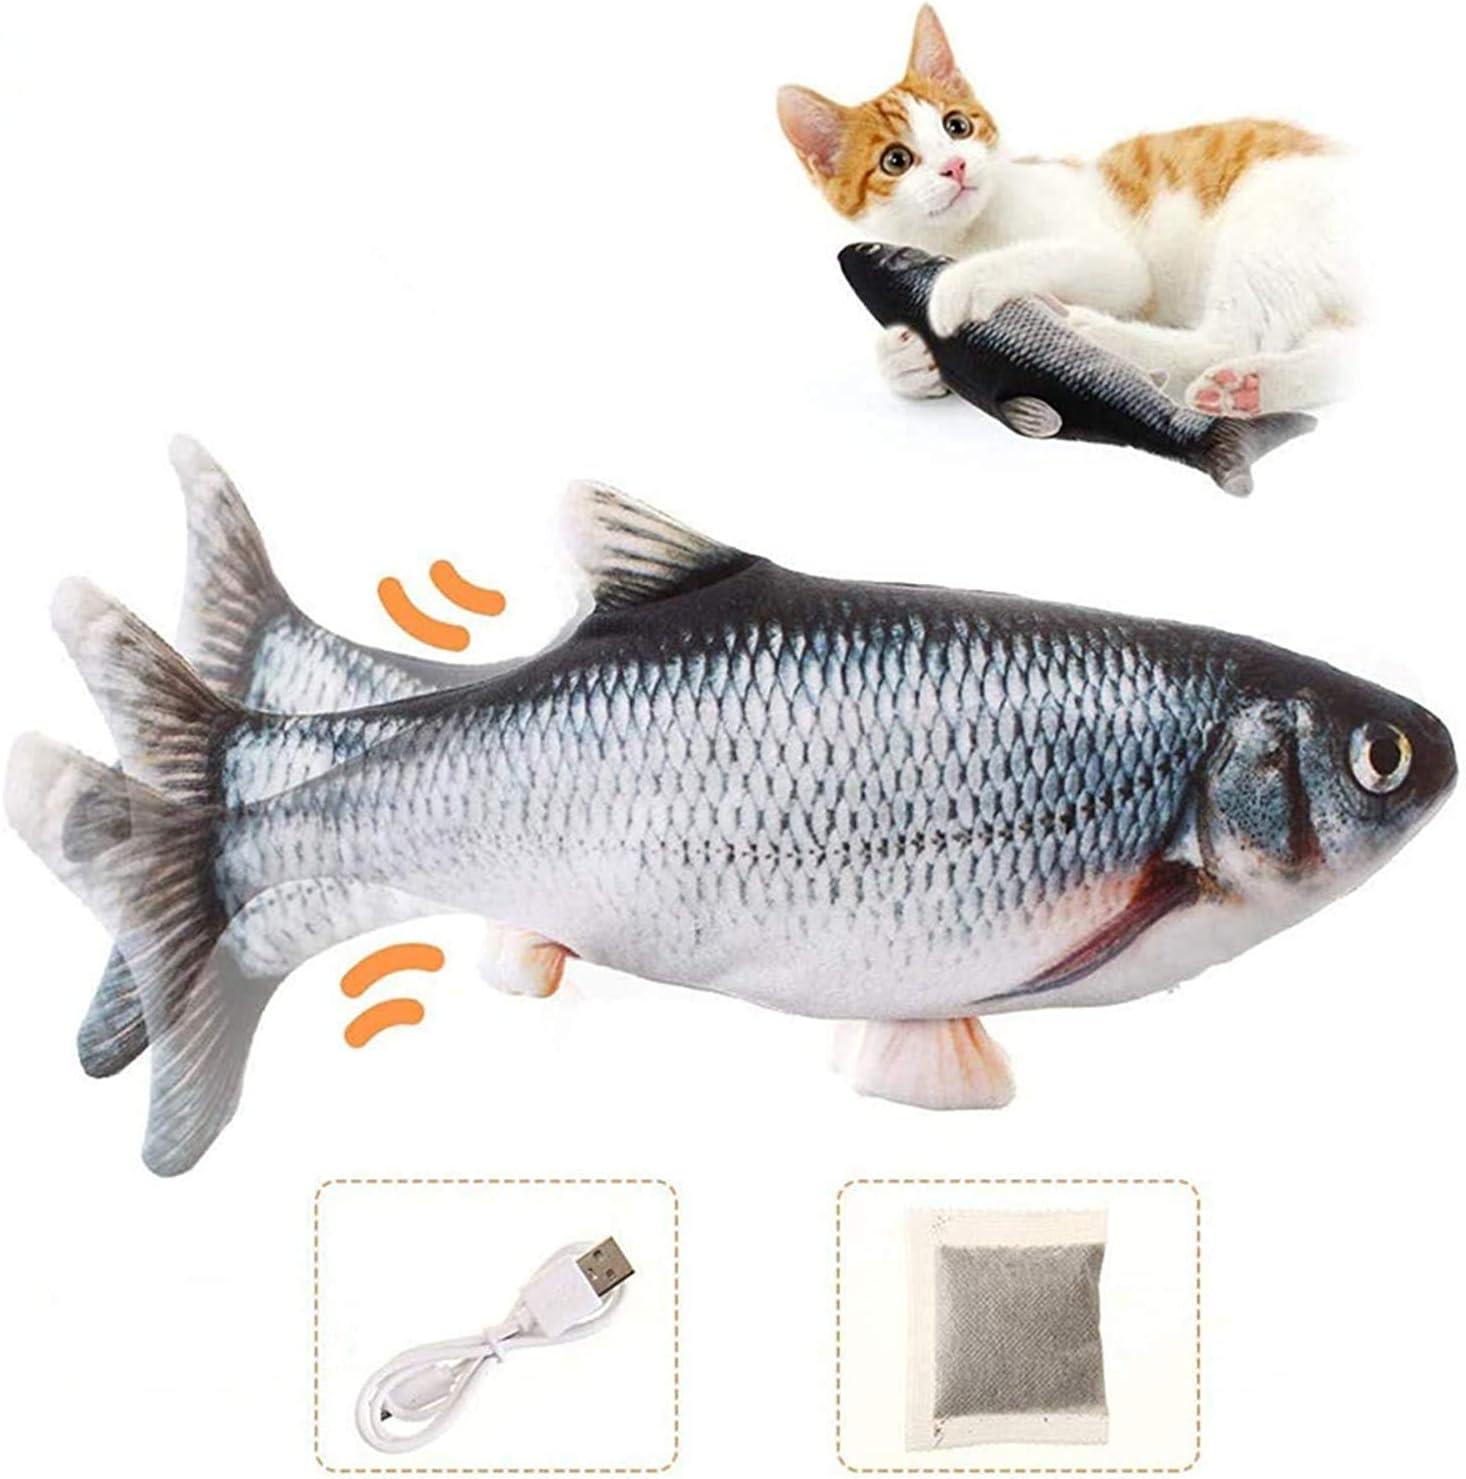 Charminer Juguetes Eléctricos para Peces Catnip,USB Simulación Hierba gatera Eléctrica Juguete Pez para Gato Simulación Realista Mascotas Interactivo de Felpa Pez para morder,Masticar,patear y Dormir